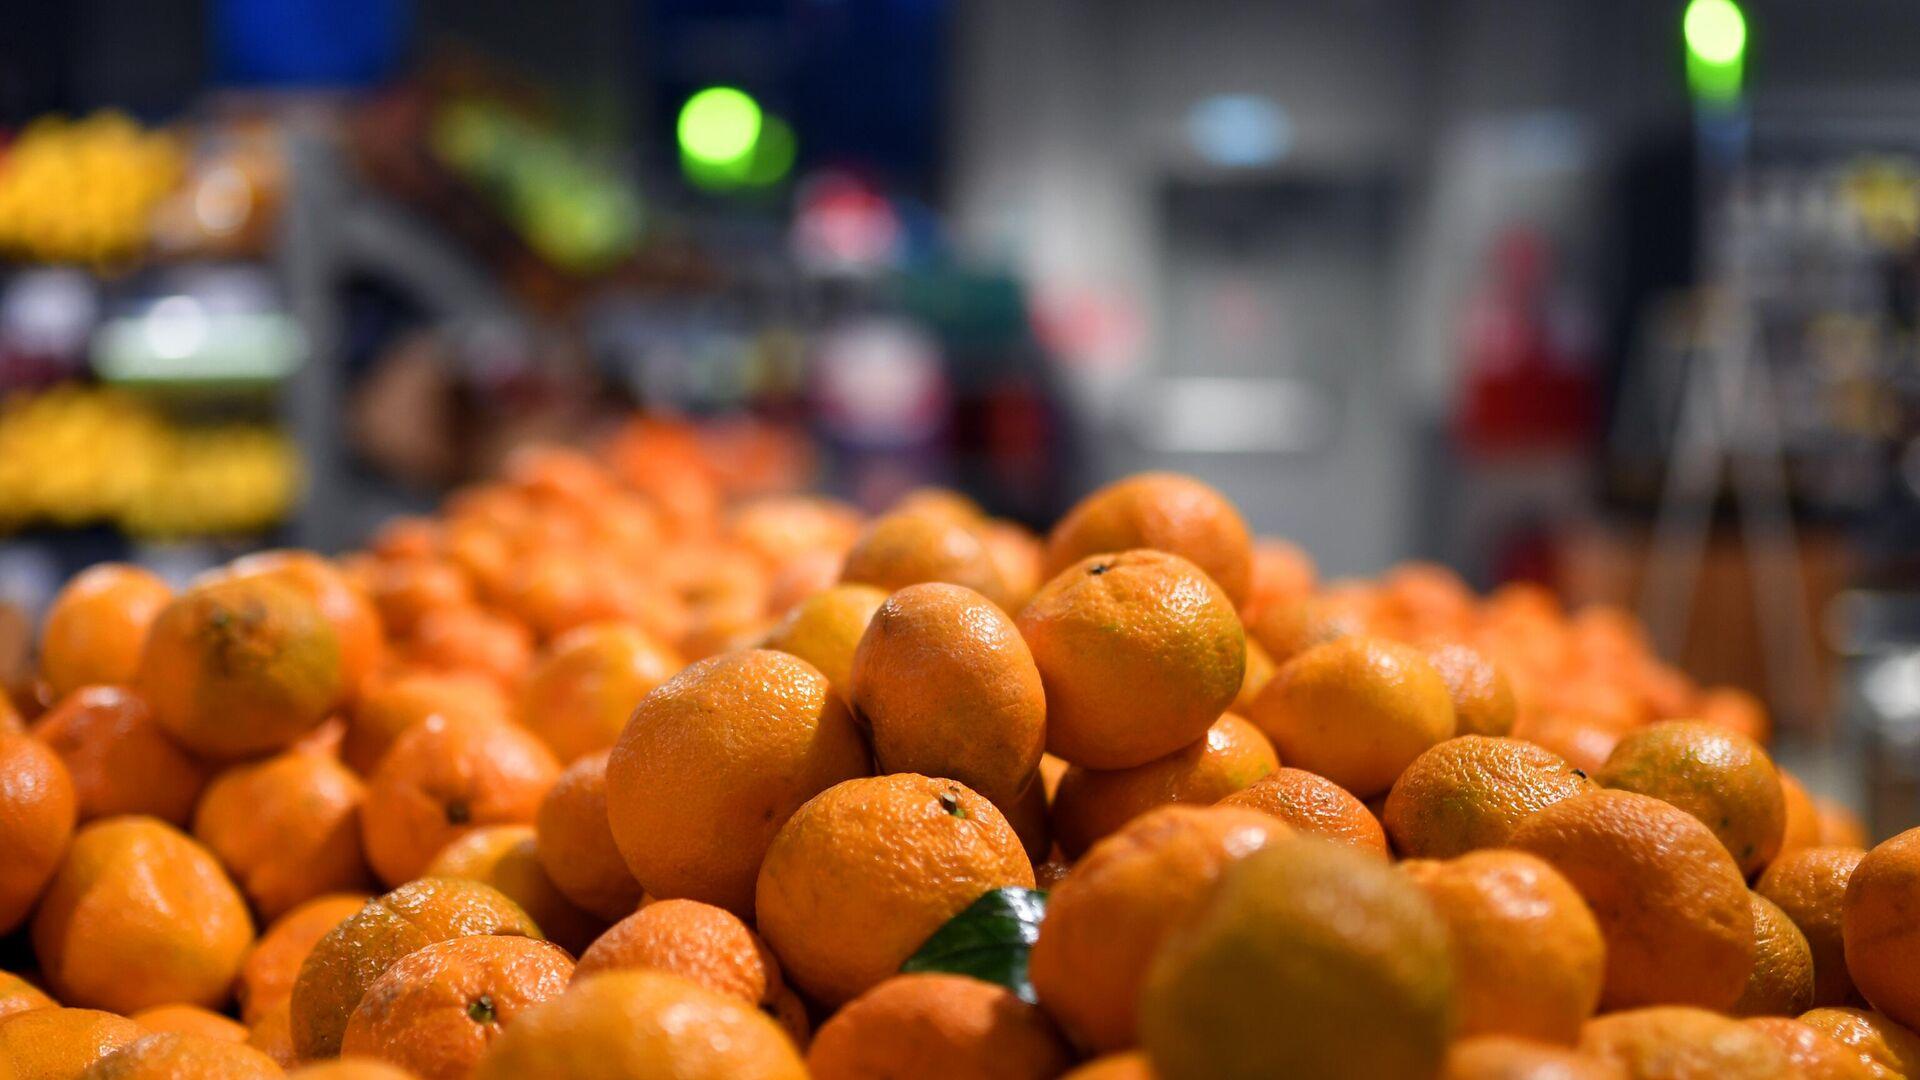 Прилавок с мандаринами в одном из магазинов сети Пятерочка в Москве - РИА Новости, 1920, 30.12.2020